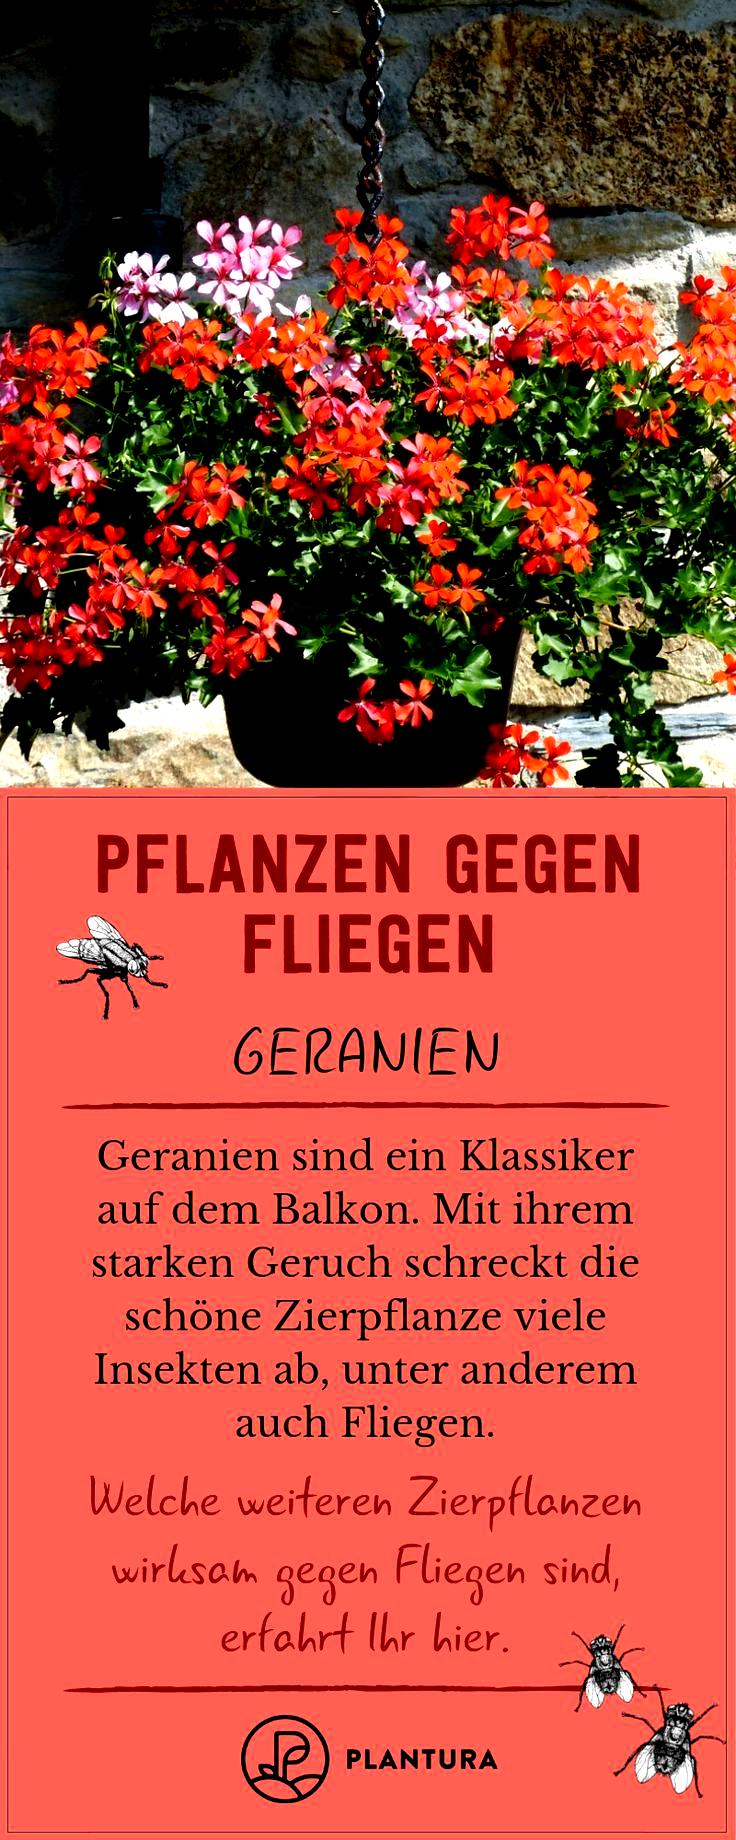 Die Fliegen Gegen Naturlich Pflanzen Plagegeister Sie Vertreiben Pflanzen Gegen Fliegen So Vertreiben Sie Die Plagegeister Naturlich Red Peppercorn